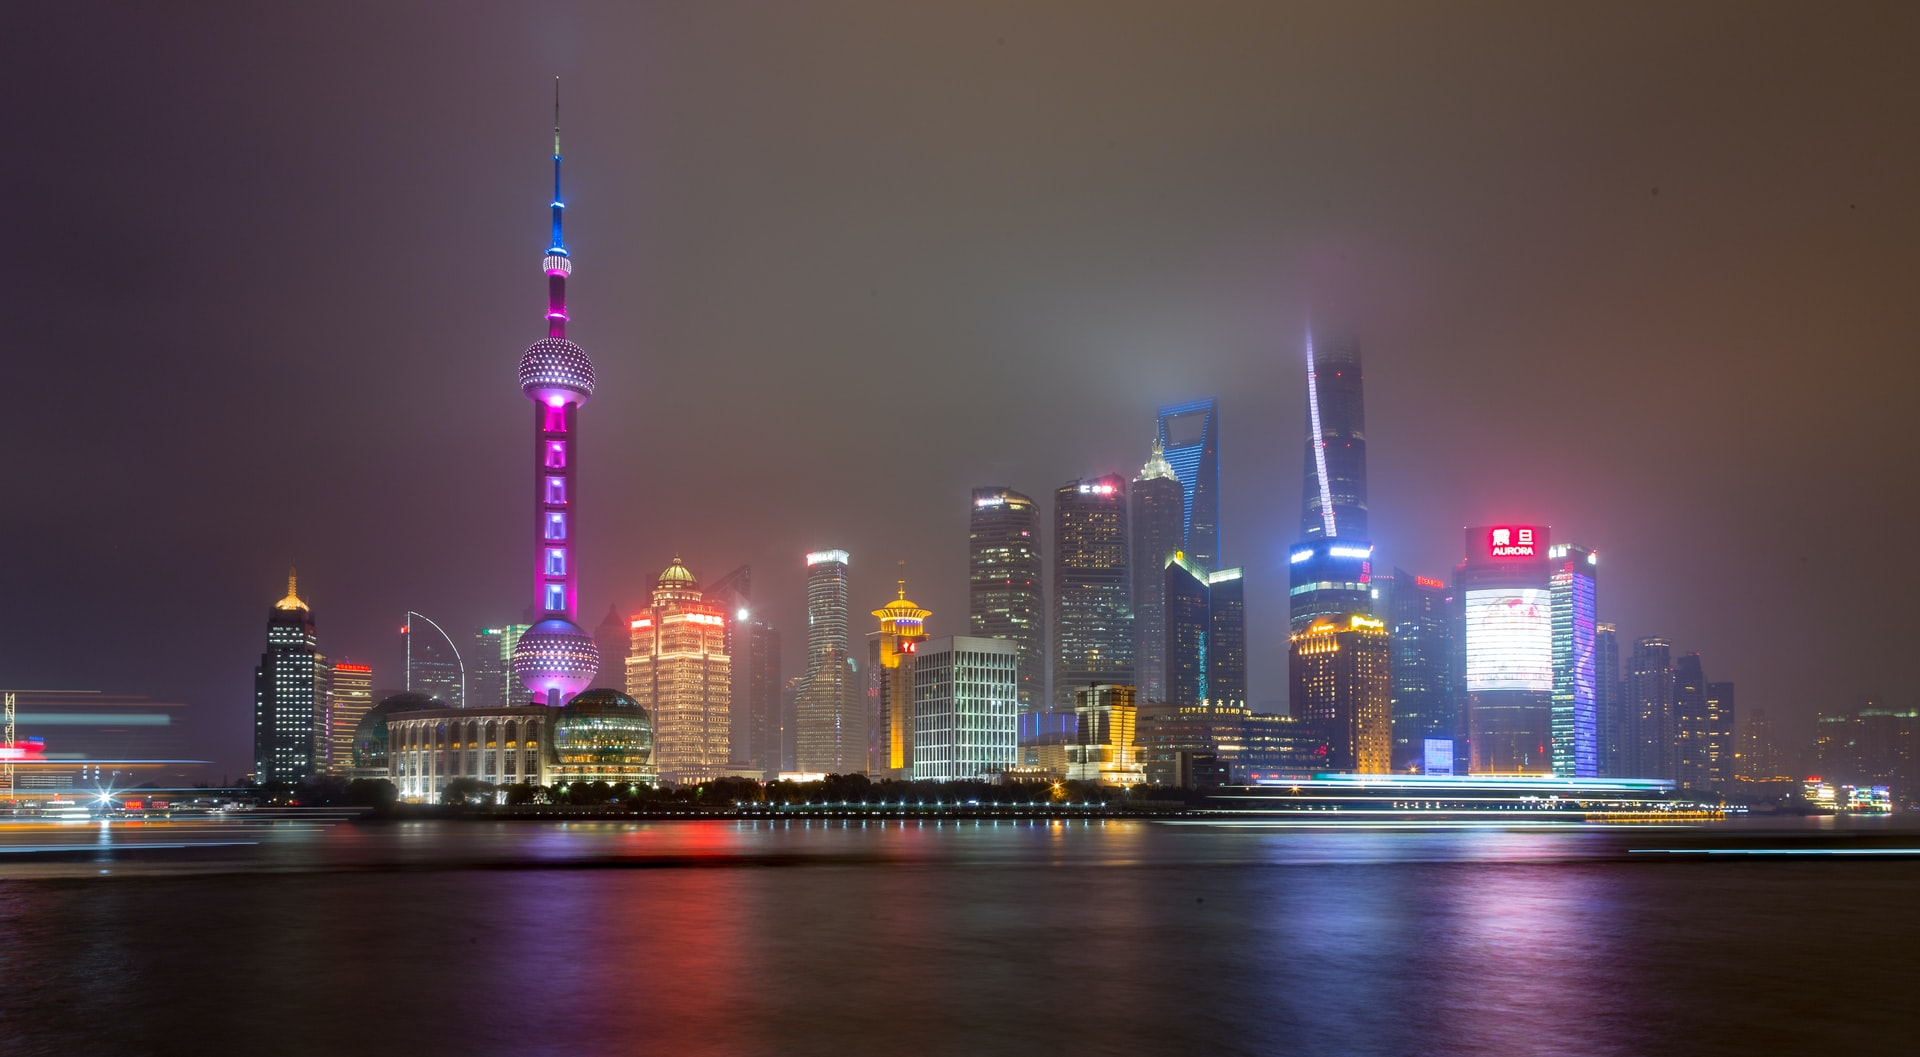 Переезд инженера в Шанхай: цзябань, фапьяо, загадочные китайцы - 1